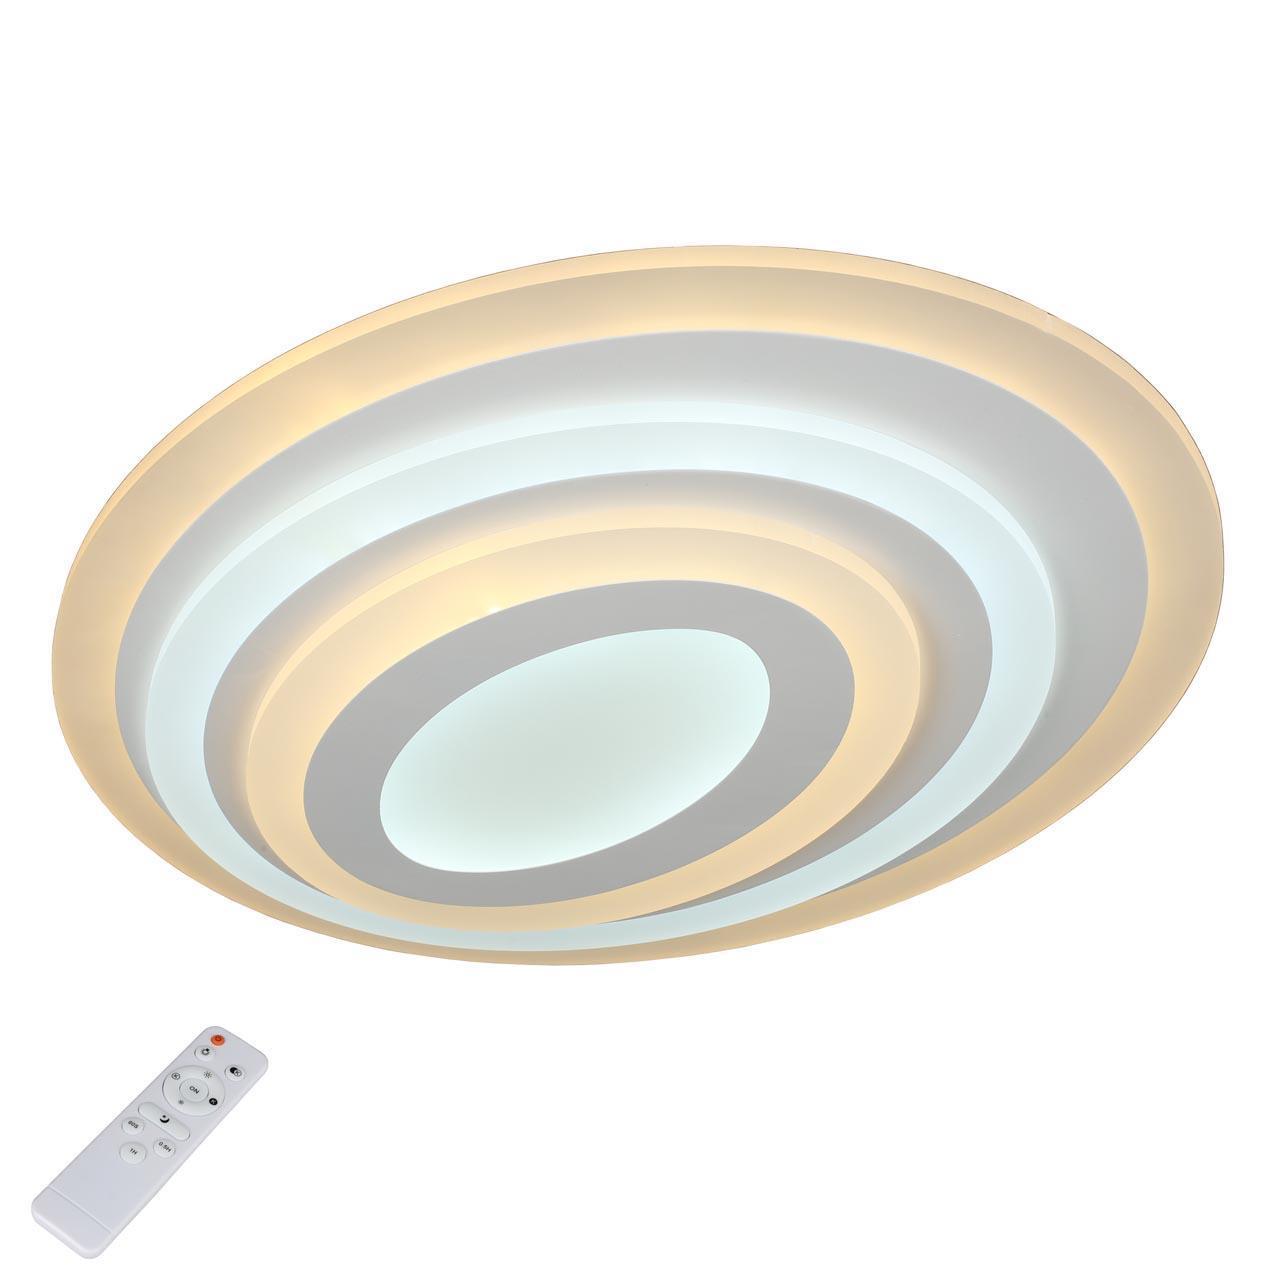 Потолочный светильник Omnilux OML-05207-65, белый потолочный светодиодный светильник с пультом ду omnilux orion oml 43107 60